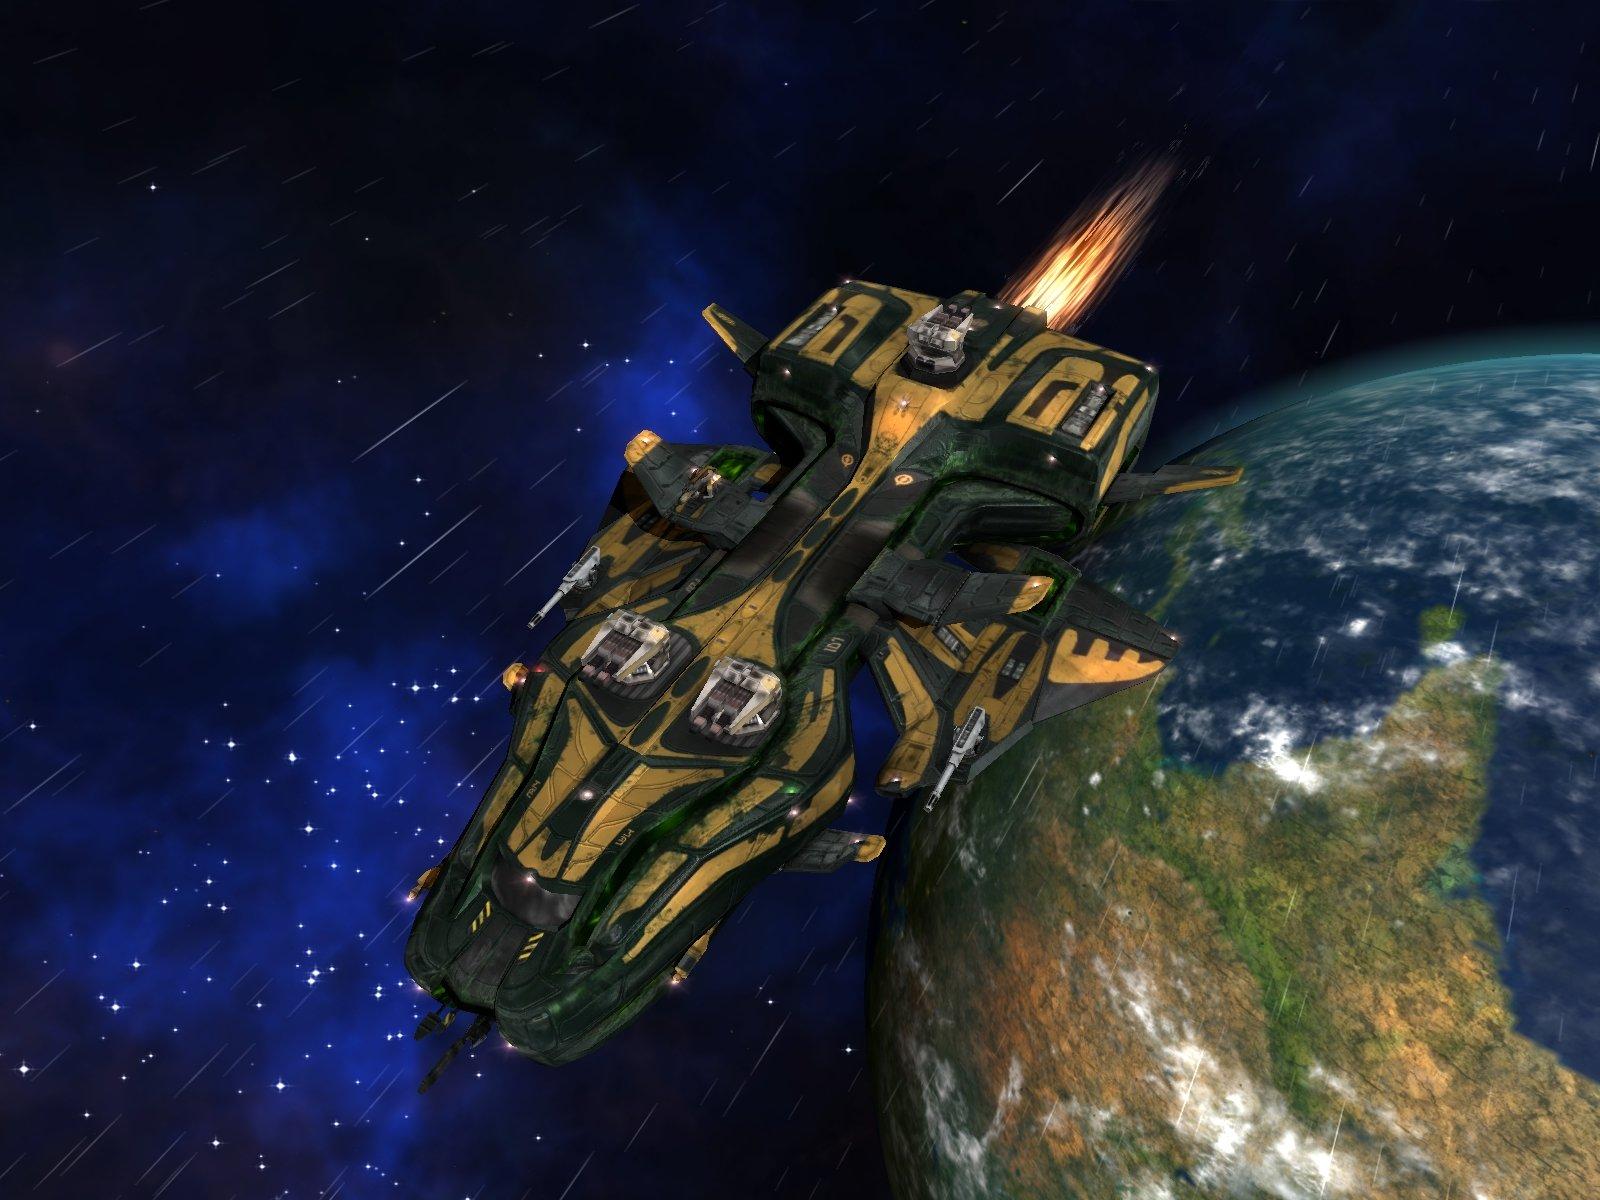 broken space ship - photo #37